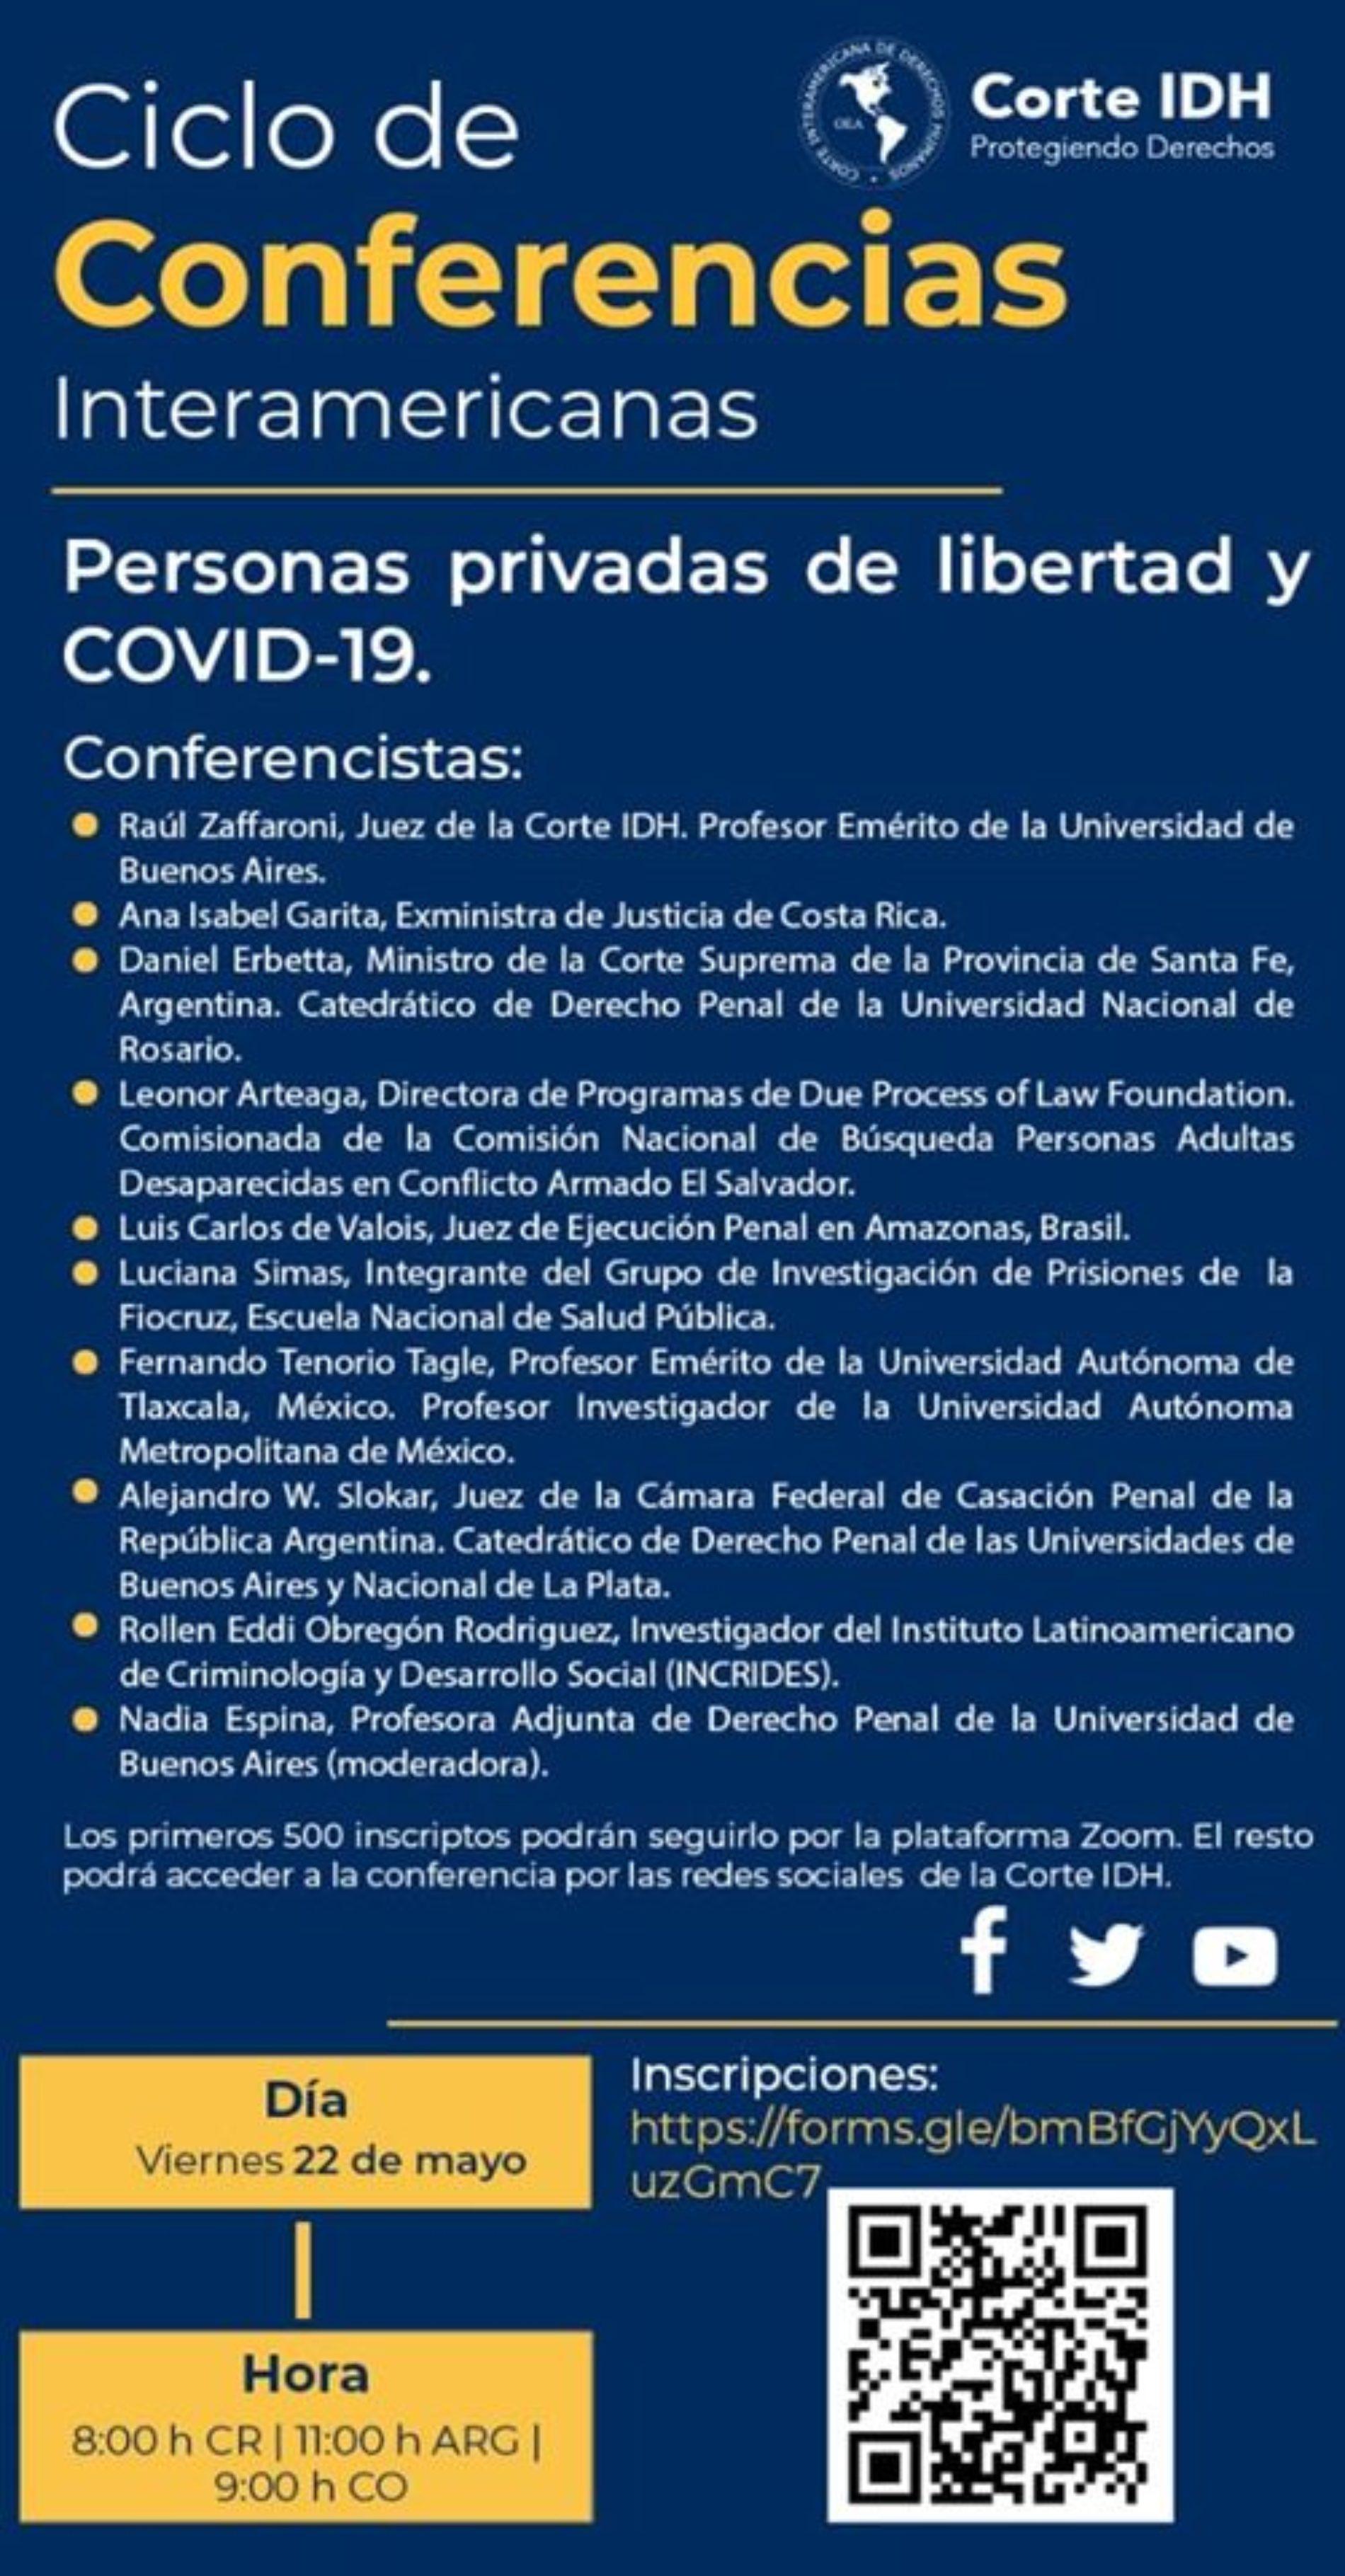 «Ciclo de Conferencias Interamericanas». Organizadas por la Corte Interamericana de Derechos Humanos